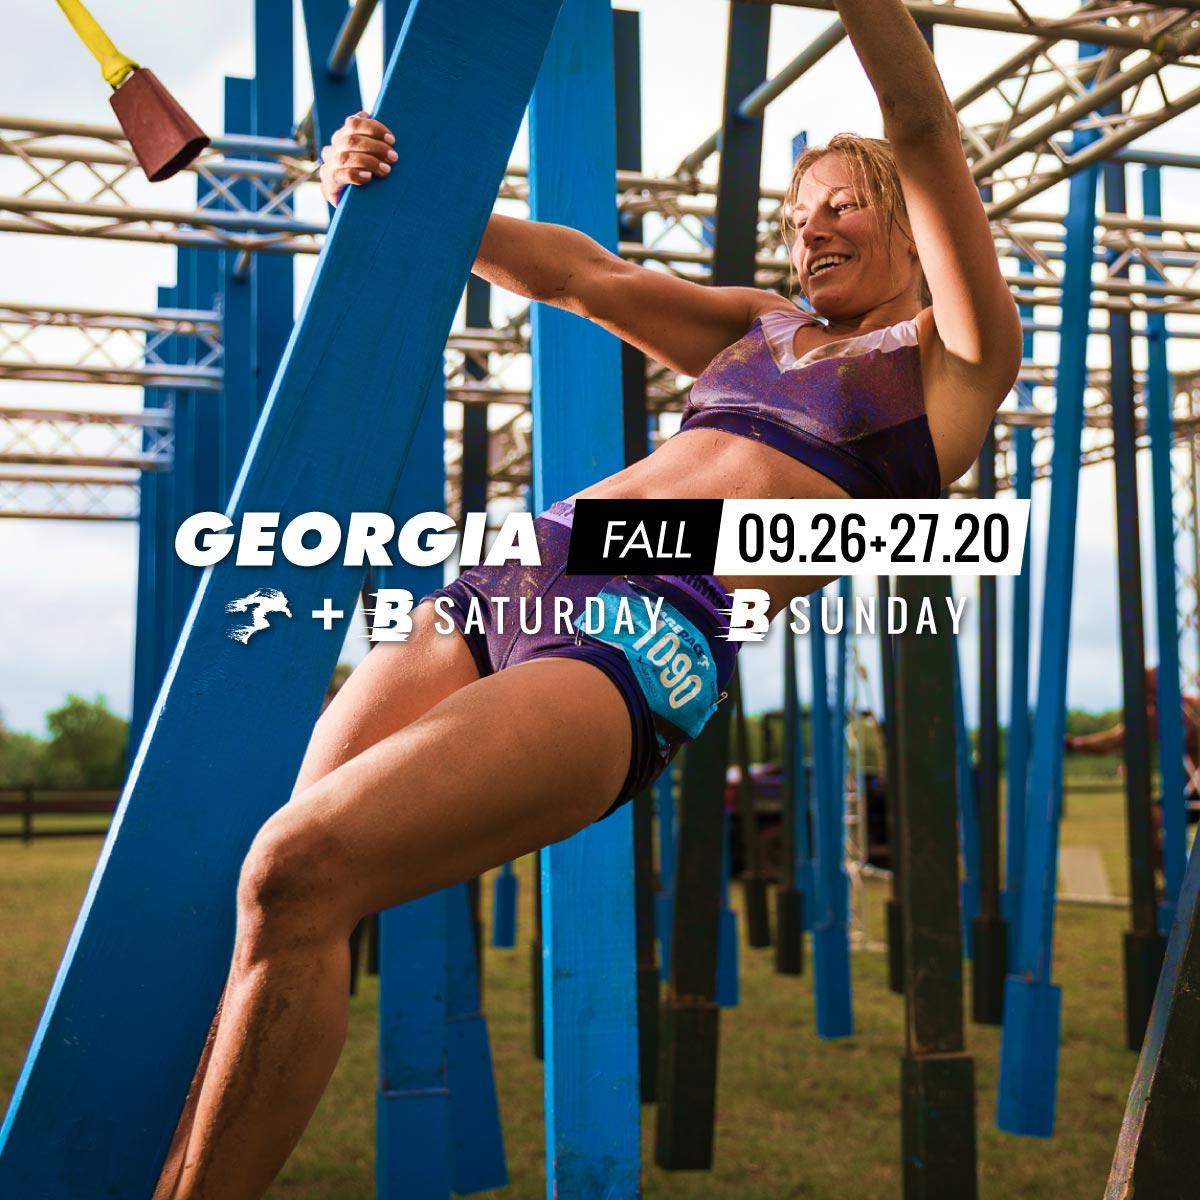 Savage Race Georgia Fall 2020